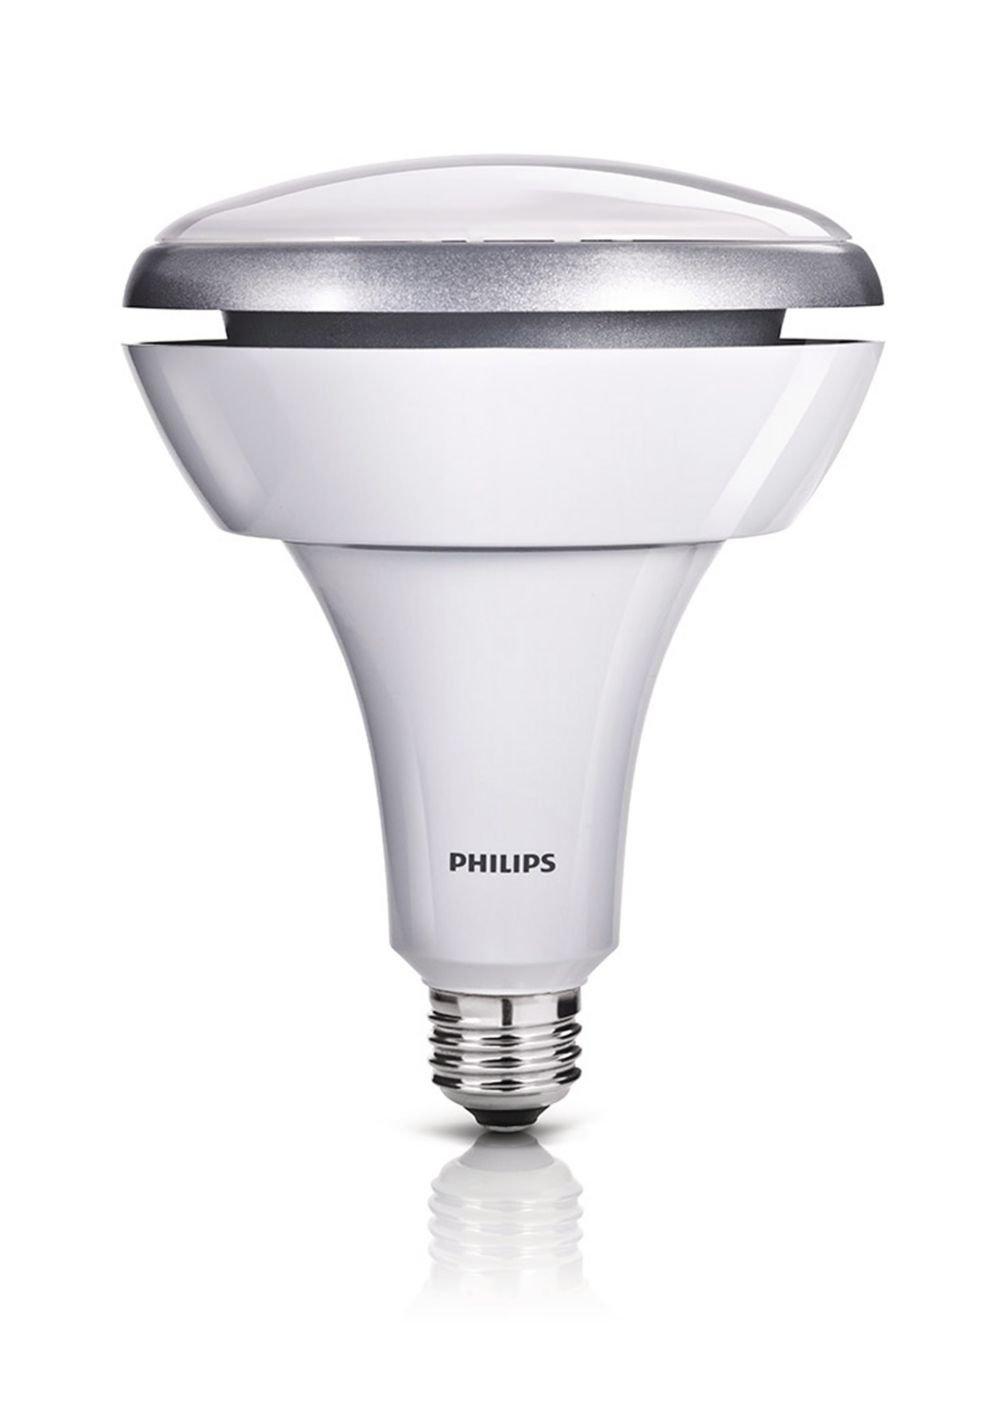 Philips 423756 14.5-Watt (75-Watt) BR40 LED Indoor Flood Light Bulb ...